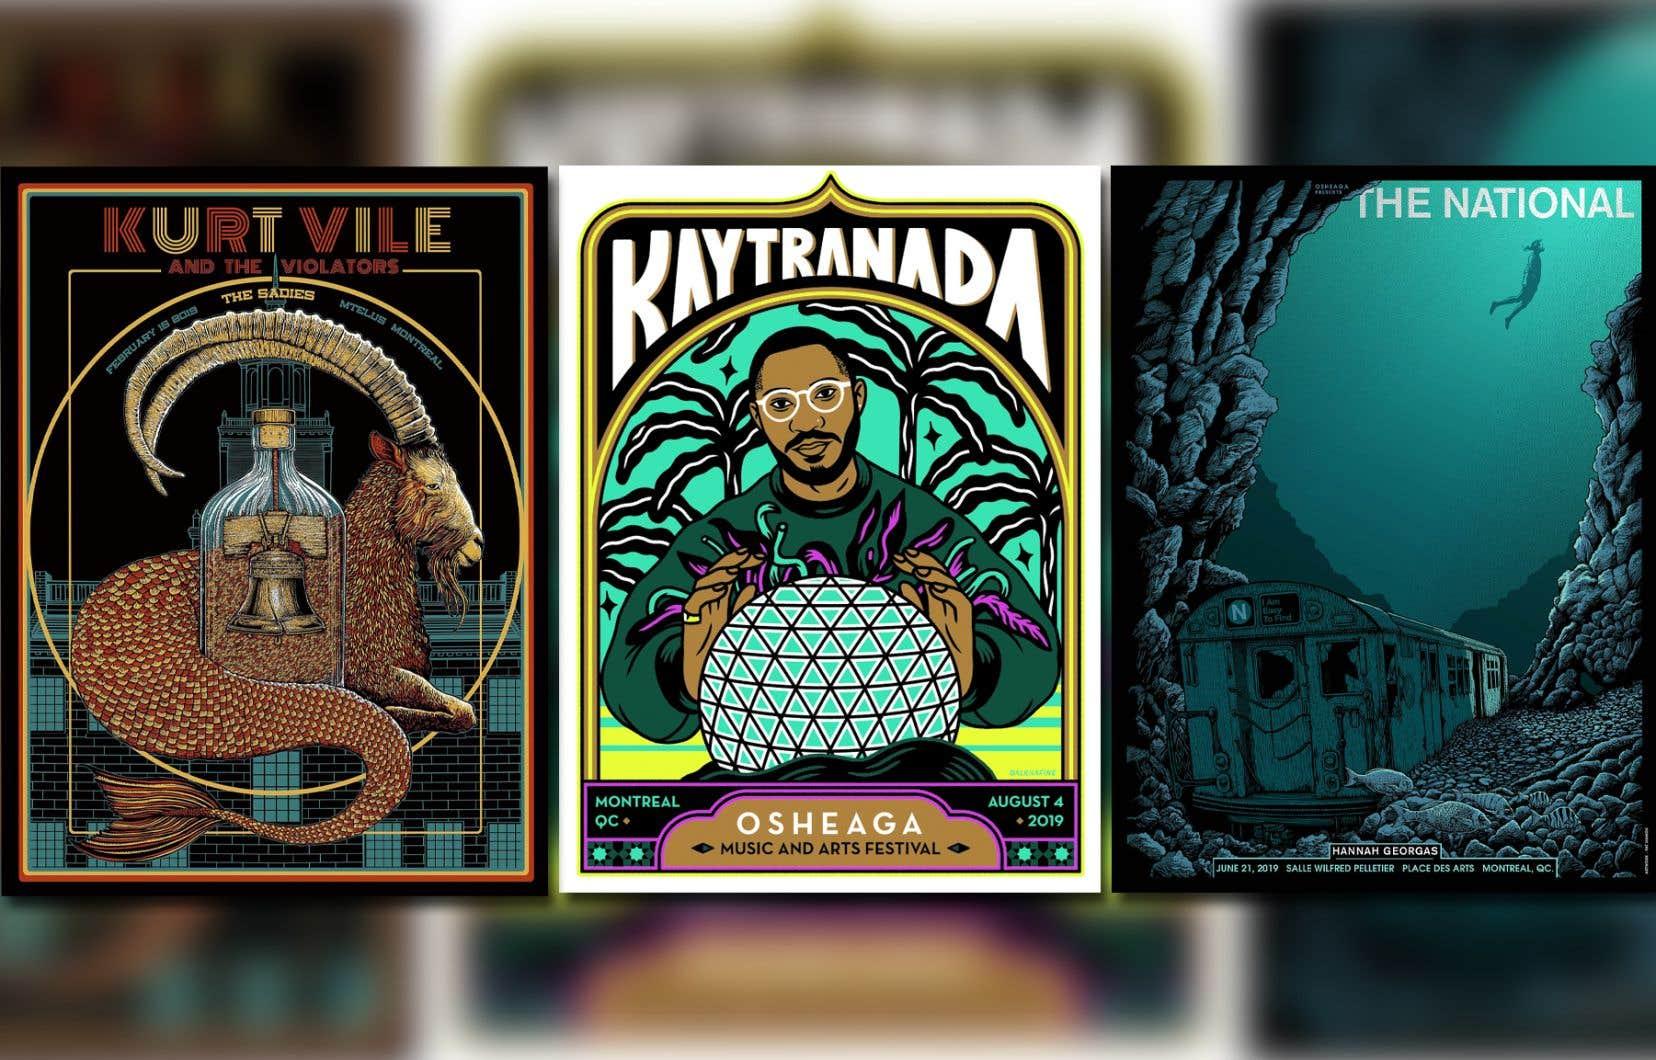 Les affiches des concerts de Kaytranada (au centre), Kurt Vile (à gauche) et The National (à droite) en 2019